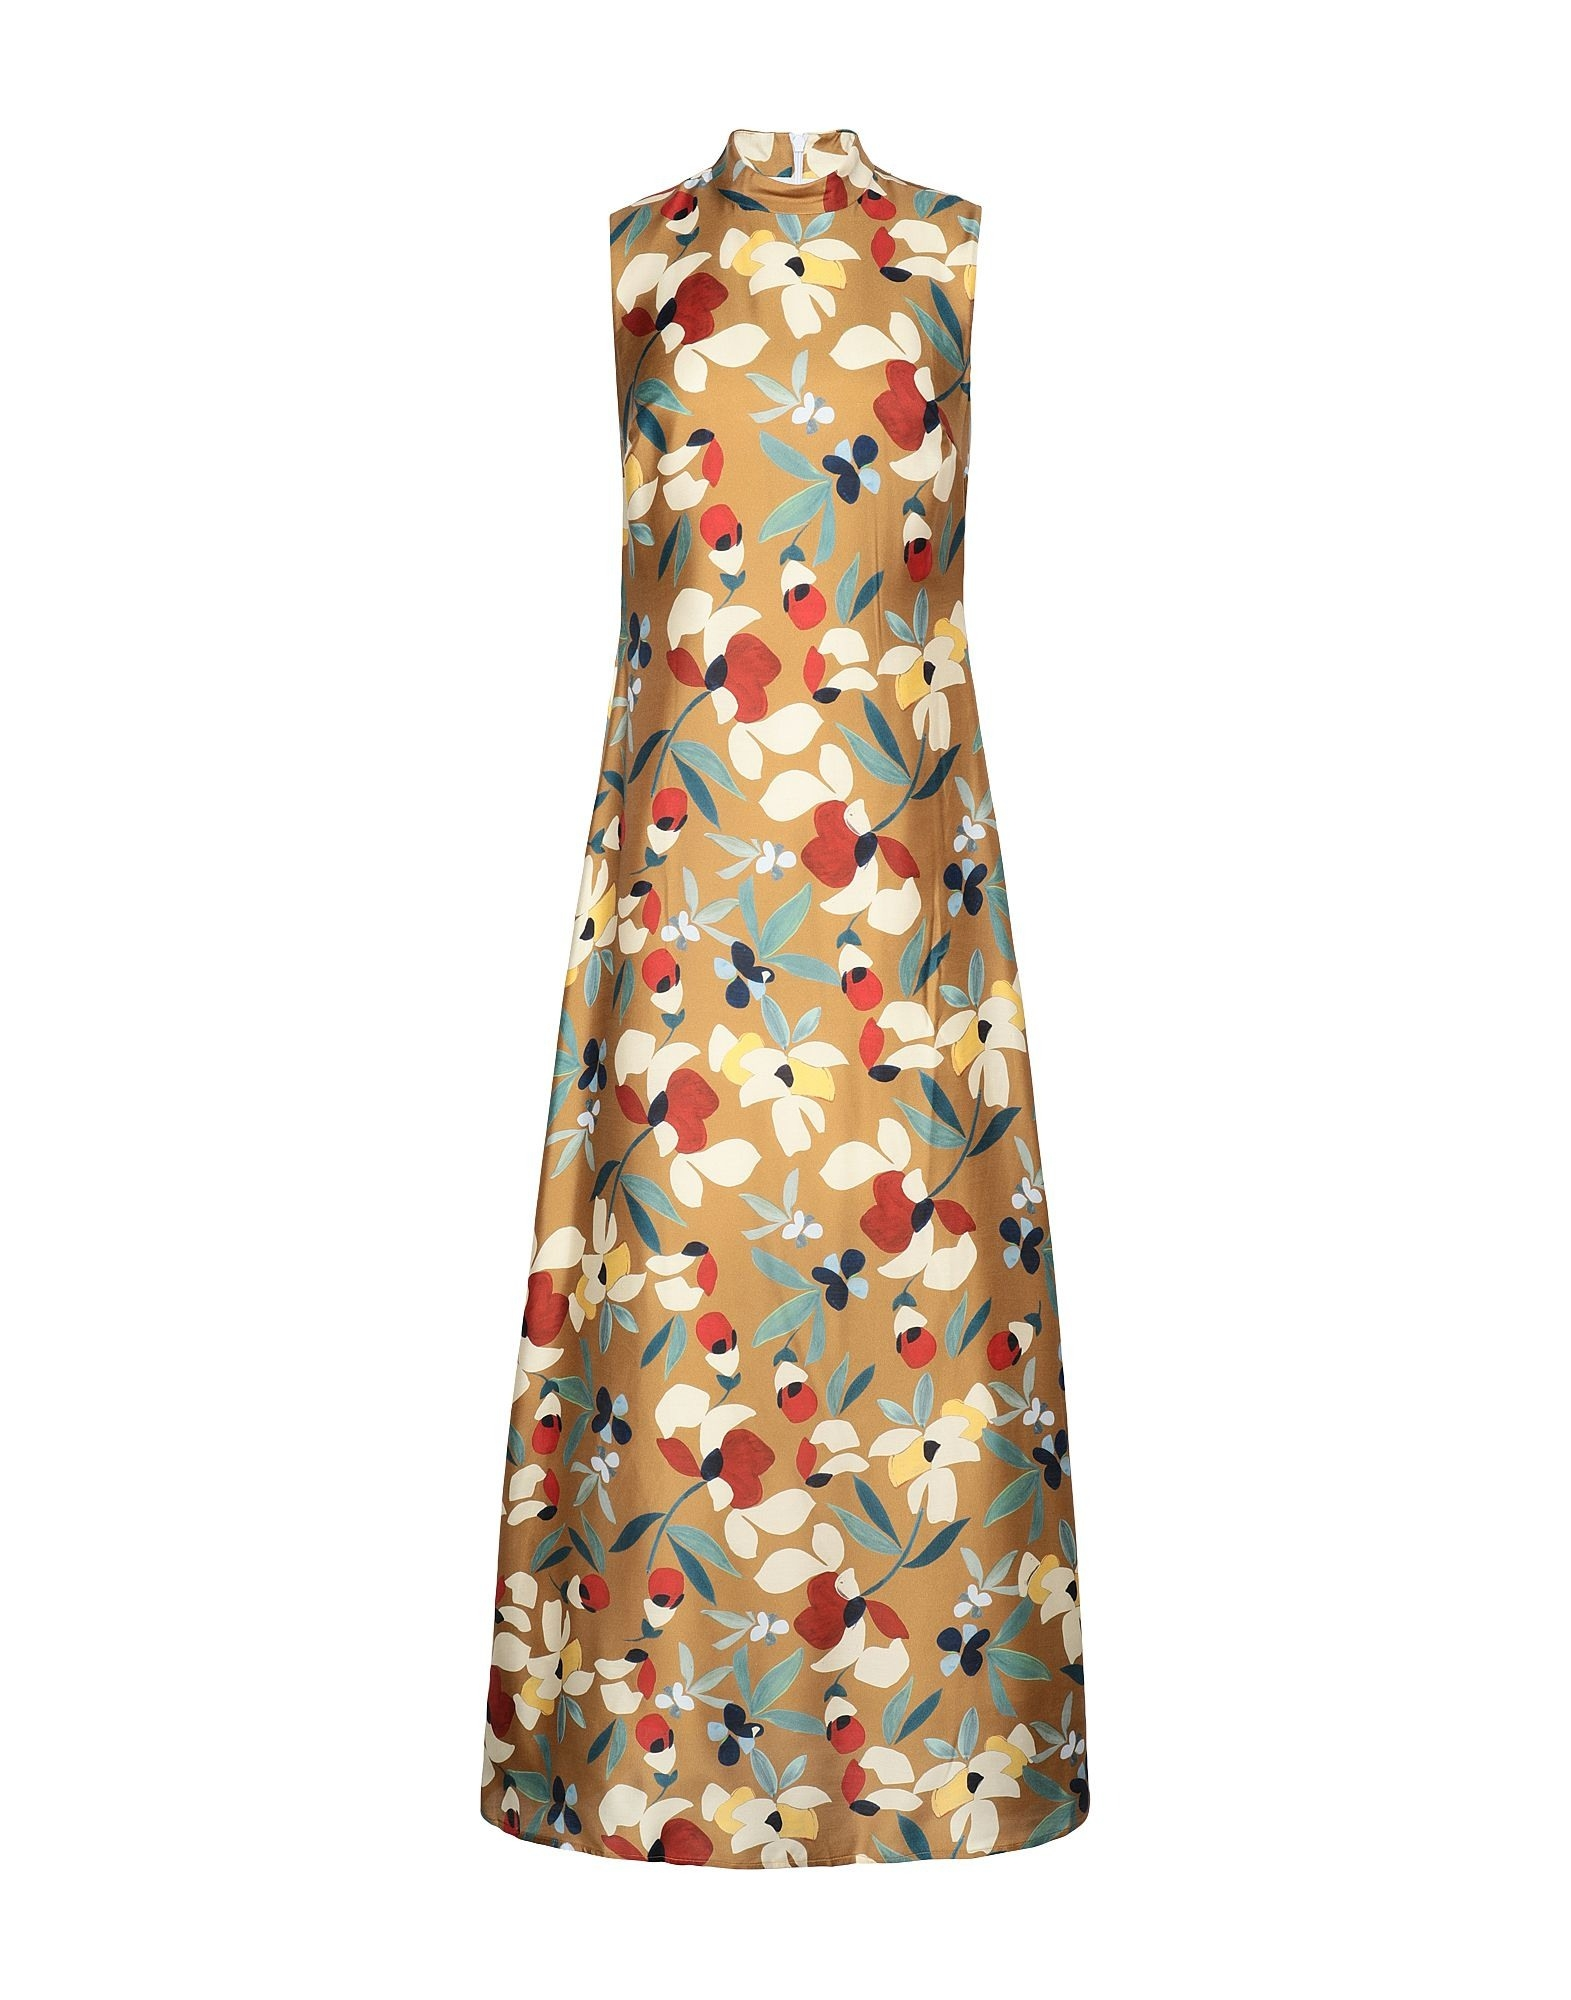 Designer Wunderbar Rosa Langes Kleid Mit Glitzer für 2019 Leicht Rosa Langes Kleid Mit Glitzer Ärmel